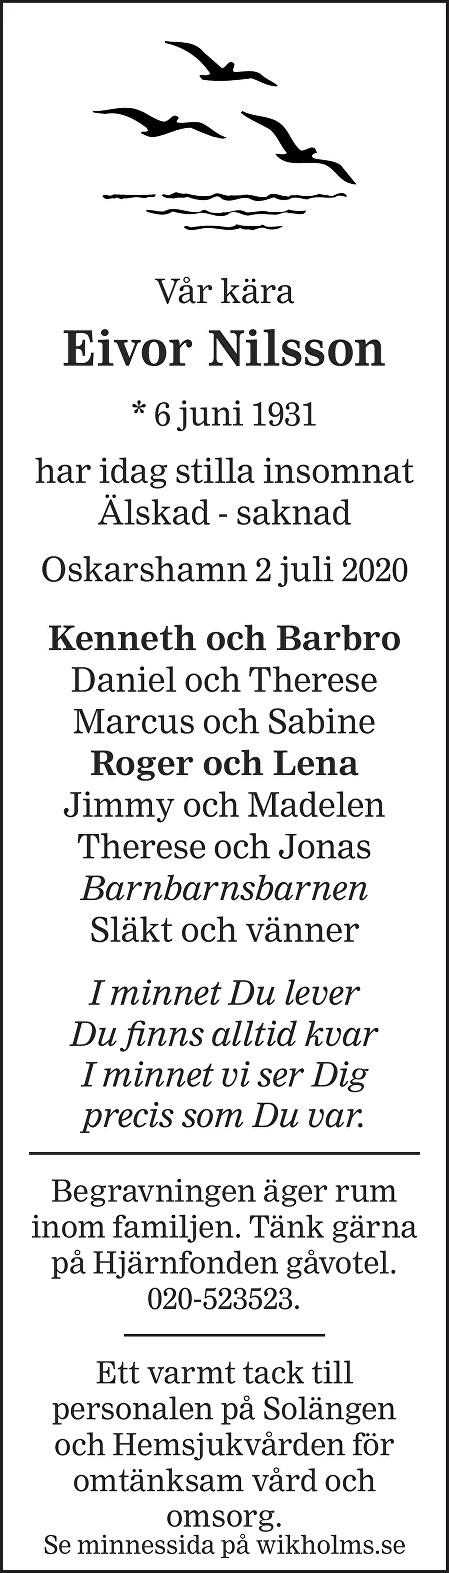 Eivor Nilsson Death notice